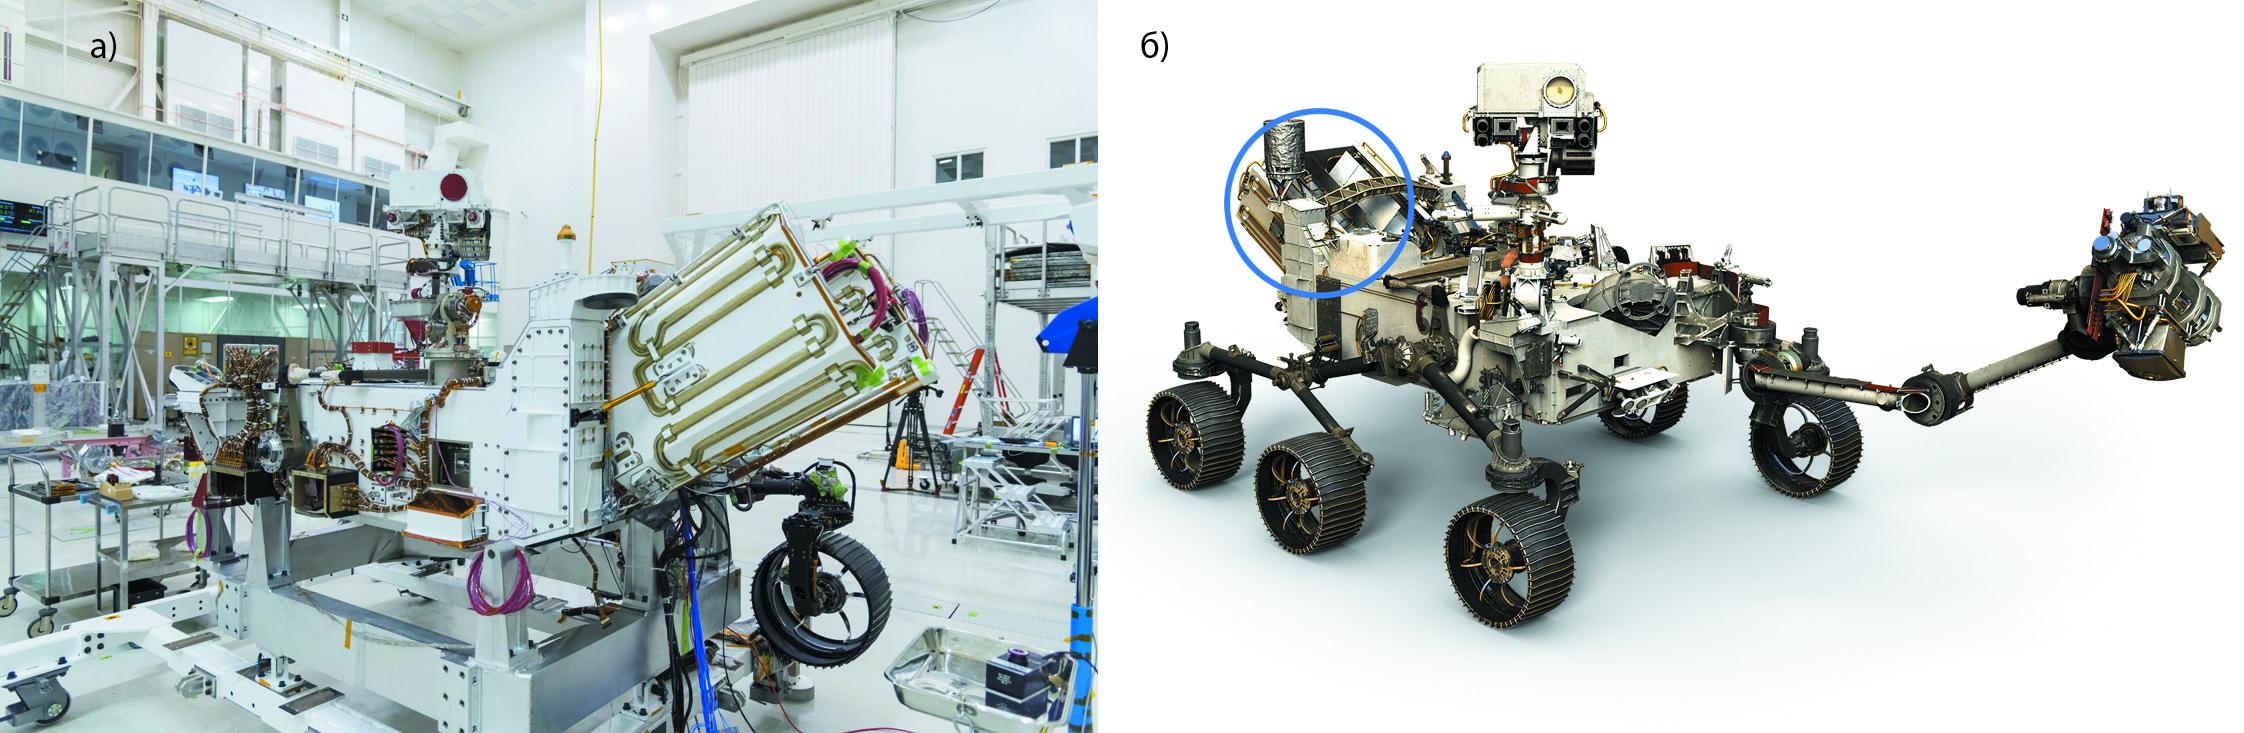 Источник питания РИТЭГ ровера Mars 2020: установка (а) и размещение (б), РИТЭГ выделен синим